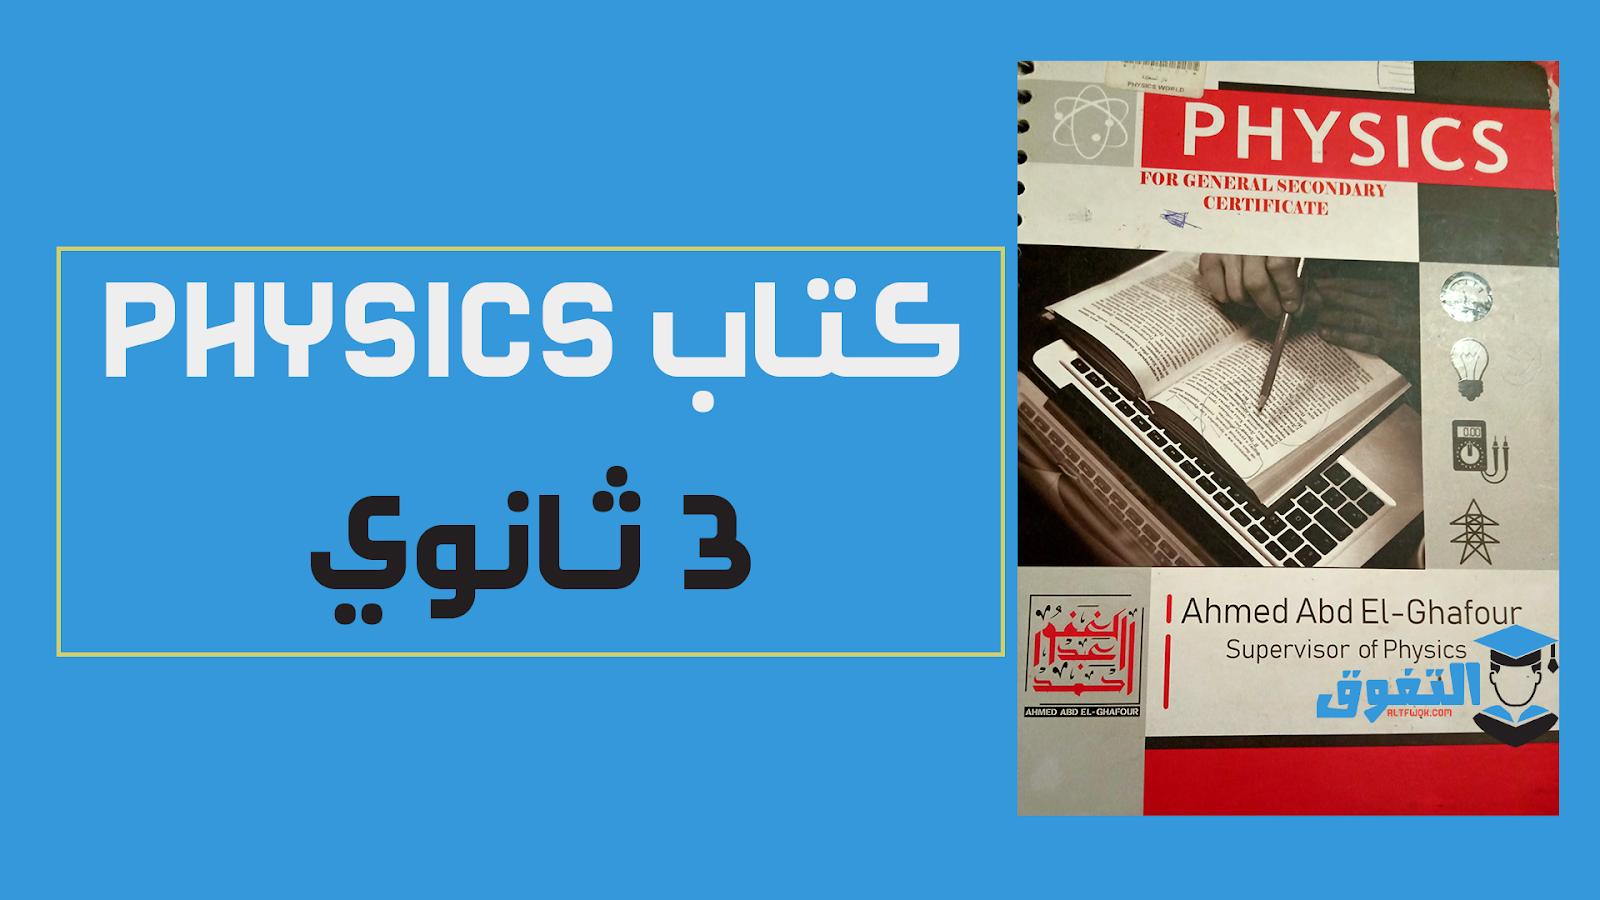 تحميل أقوى مذكرة فى الفيزياء لغات physics للصف الثالث الثانوى 2021 pdf